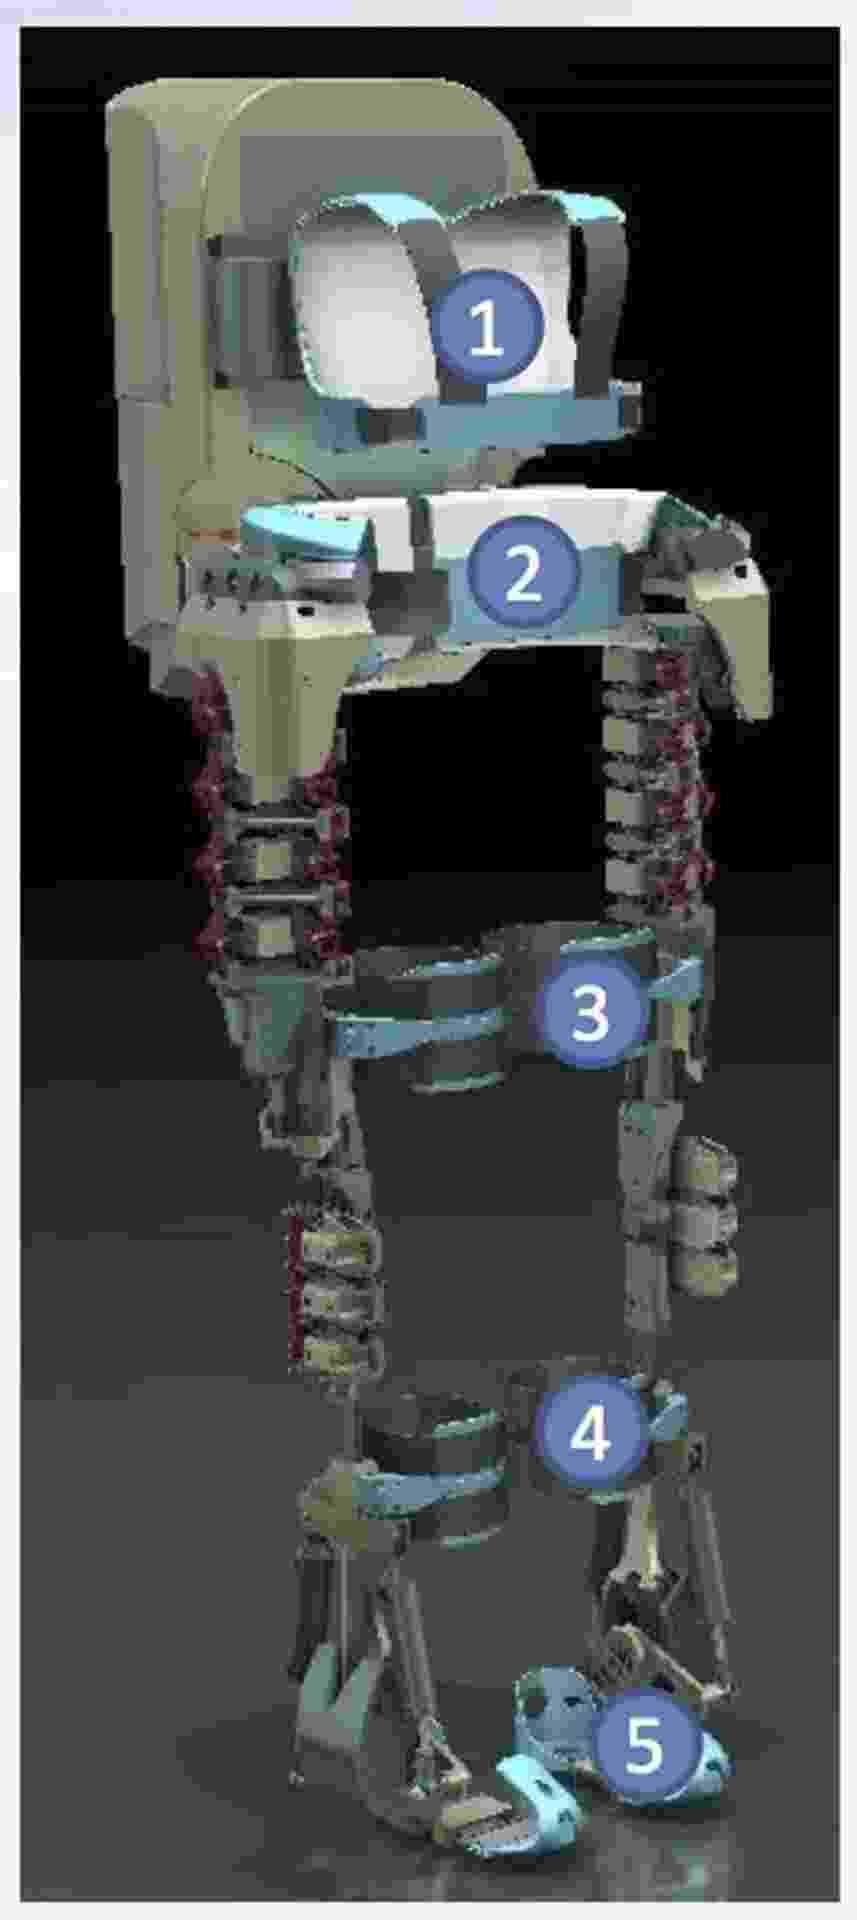 """6.ago.2013 - O neurocientista Miguel Nicolelis divulgou imagem de como será o exoesqueleto usado por um jovem paraplégico para dar o pontapé inicial na abertura da Copa do Mundo de 2014. """"Imagem mostra os cinco módulos do exoesqueleto e o seu backpack [mochila] de controle"""", escreveu o brasileiro em sua página no Facebook. O equipamento faz parte do Projeto Andar de Novo (""""Walk Again Project""""), que reúne cientistas do Brasil, da França, da Suíça, da Alemanha e dos Estados Unidos - Reprodução/Facebook"""